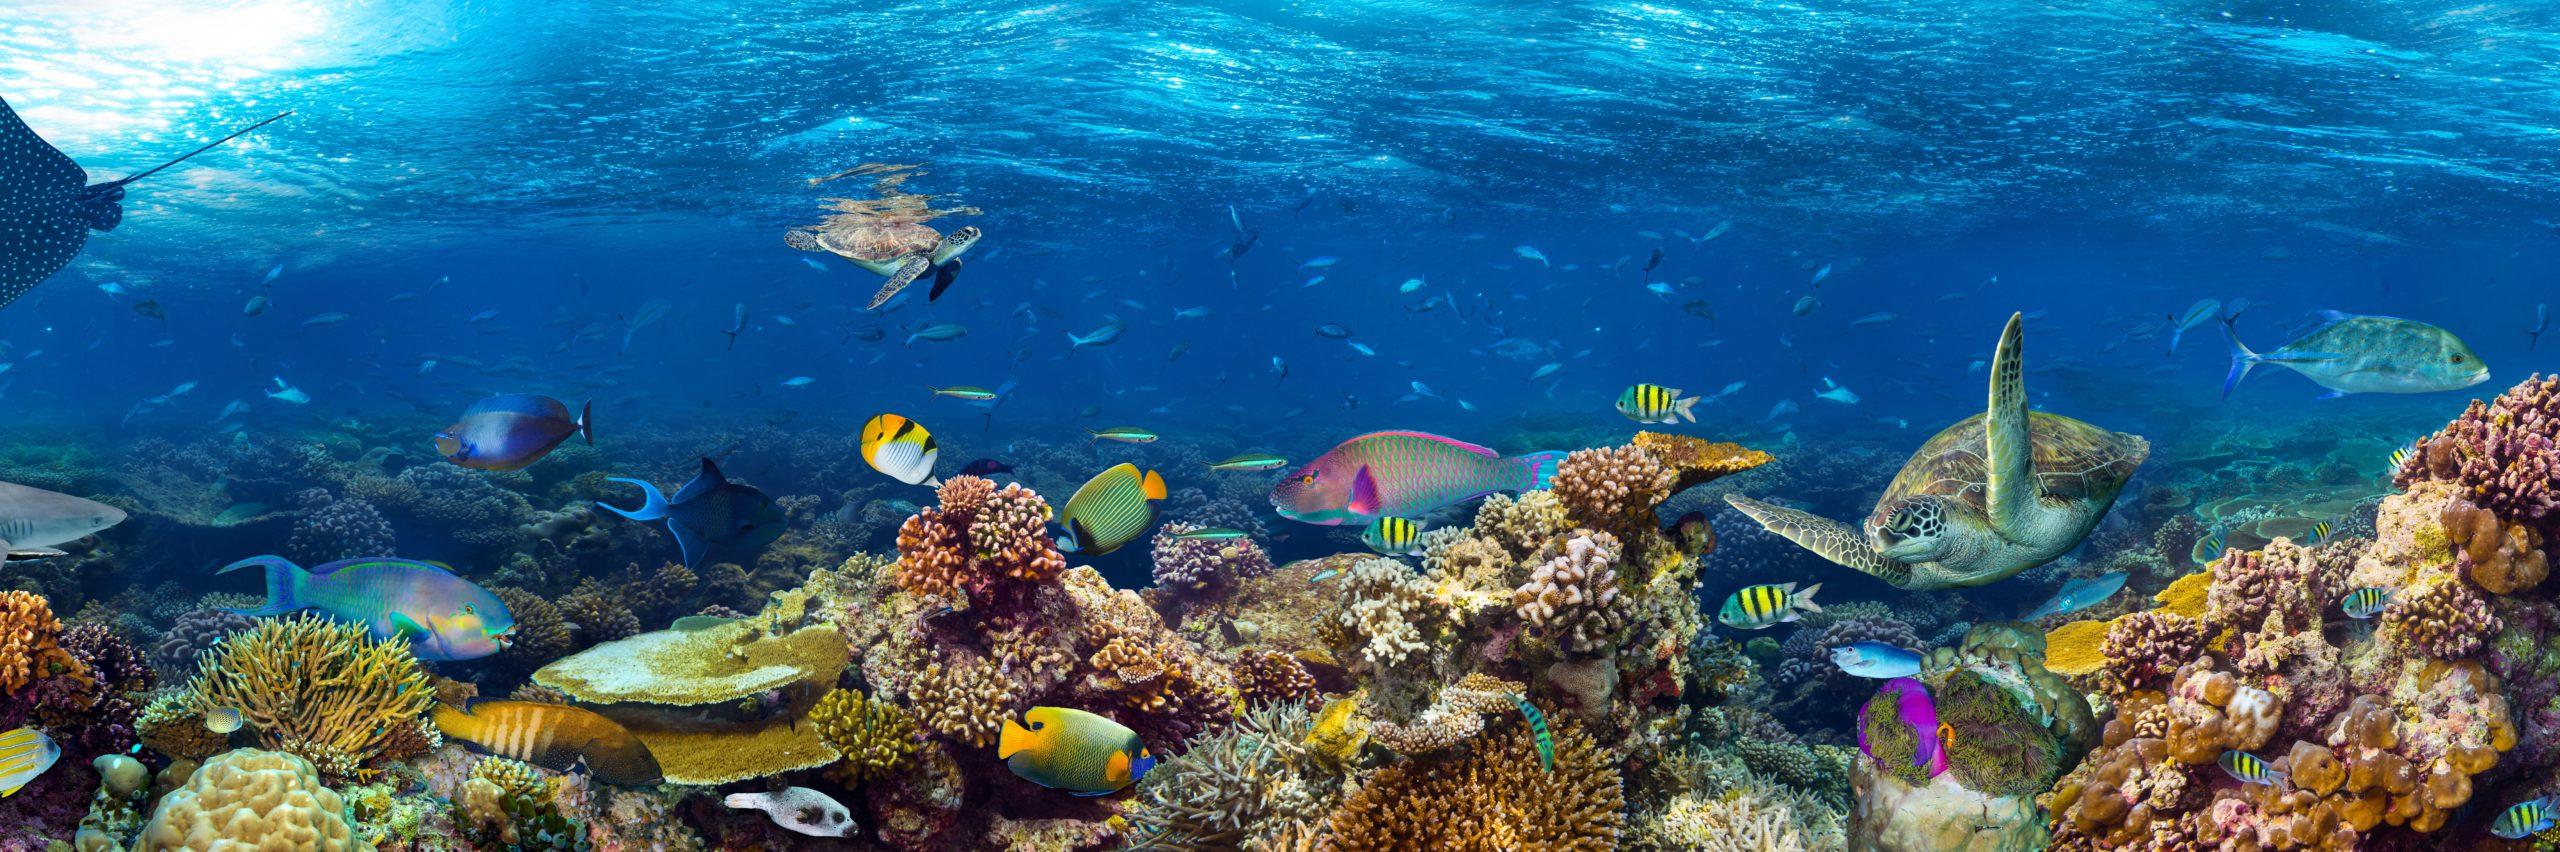 Oceans & The Arctic Shutterstock 578903659